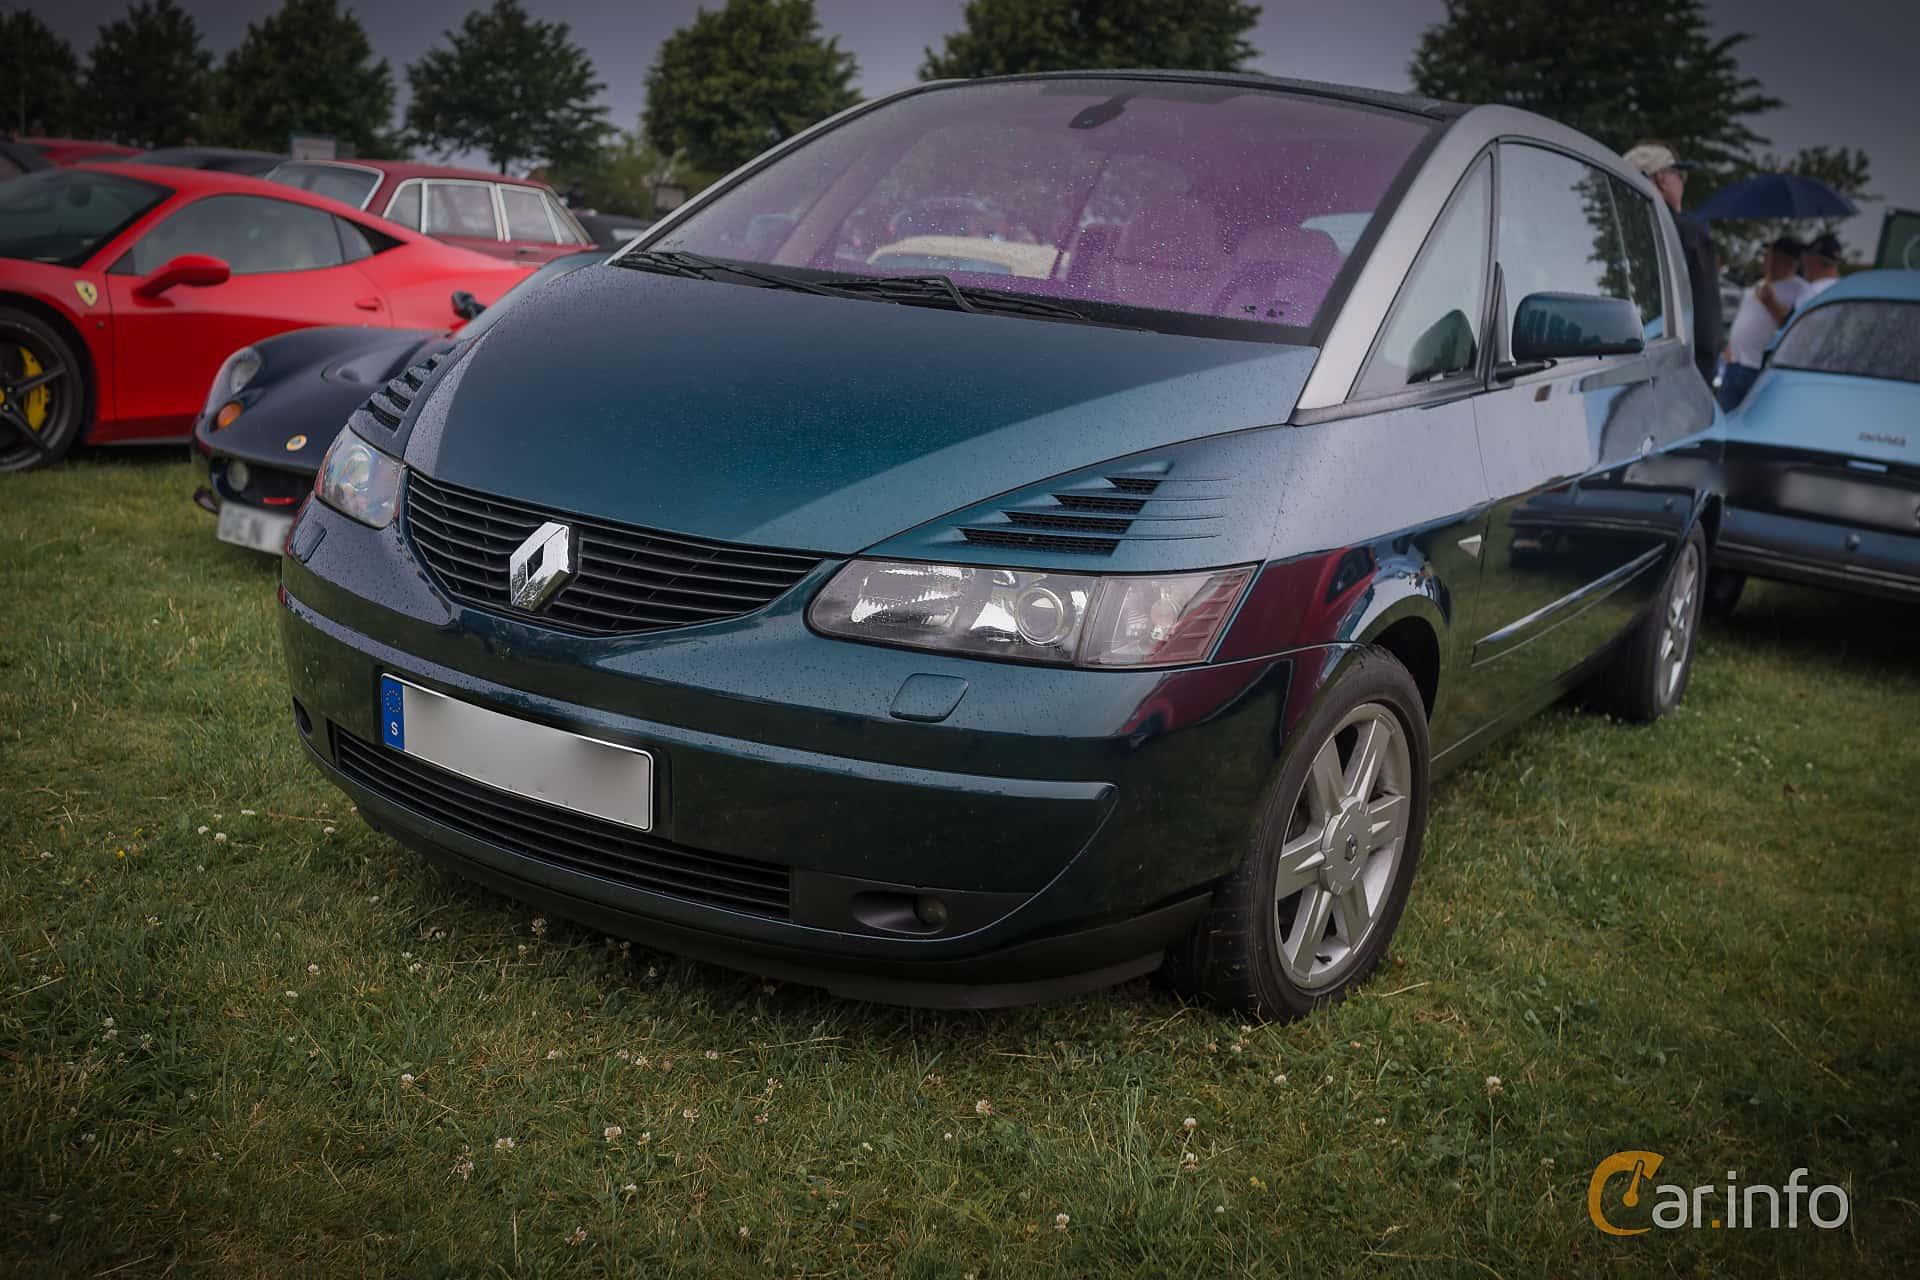 Fram/Sida av Renault Avantime 3.0 V6 Manual, 207ps, 2002 på Tisdagsträffarna Vikingatider v.28 / 2015